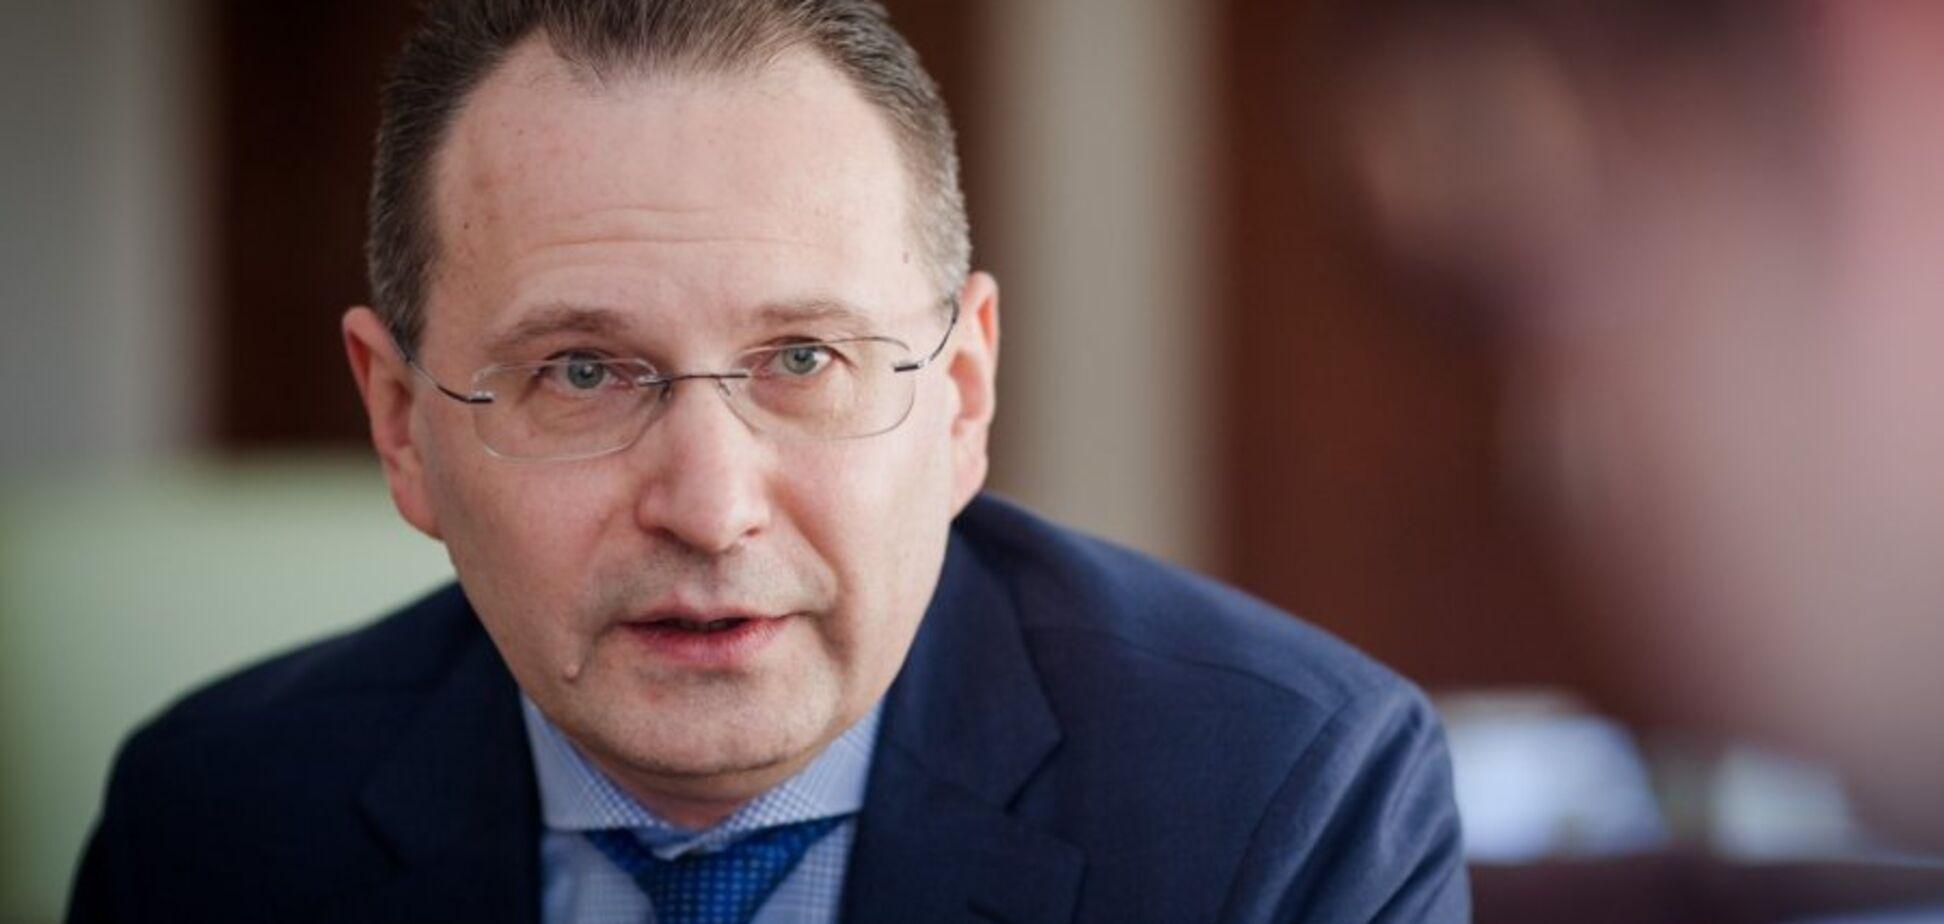 В Киеве ограбили главу Конституционного суда Литвы: раскрыты подробности